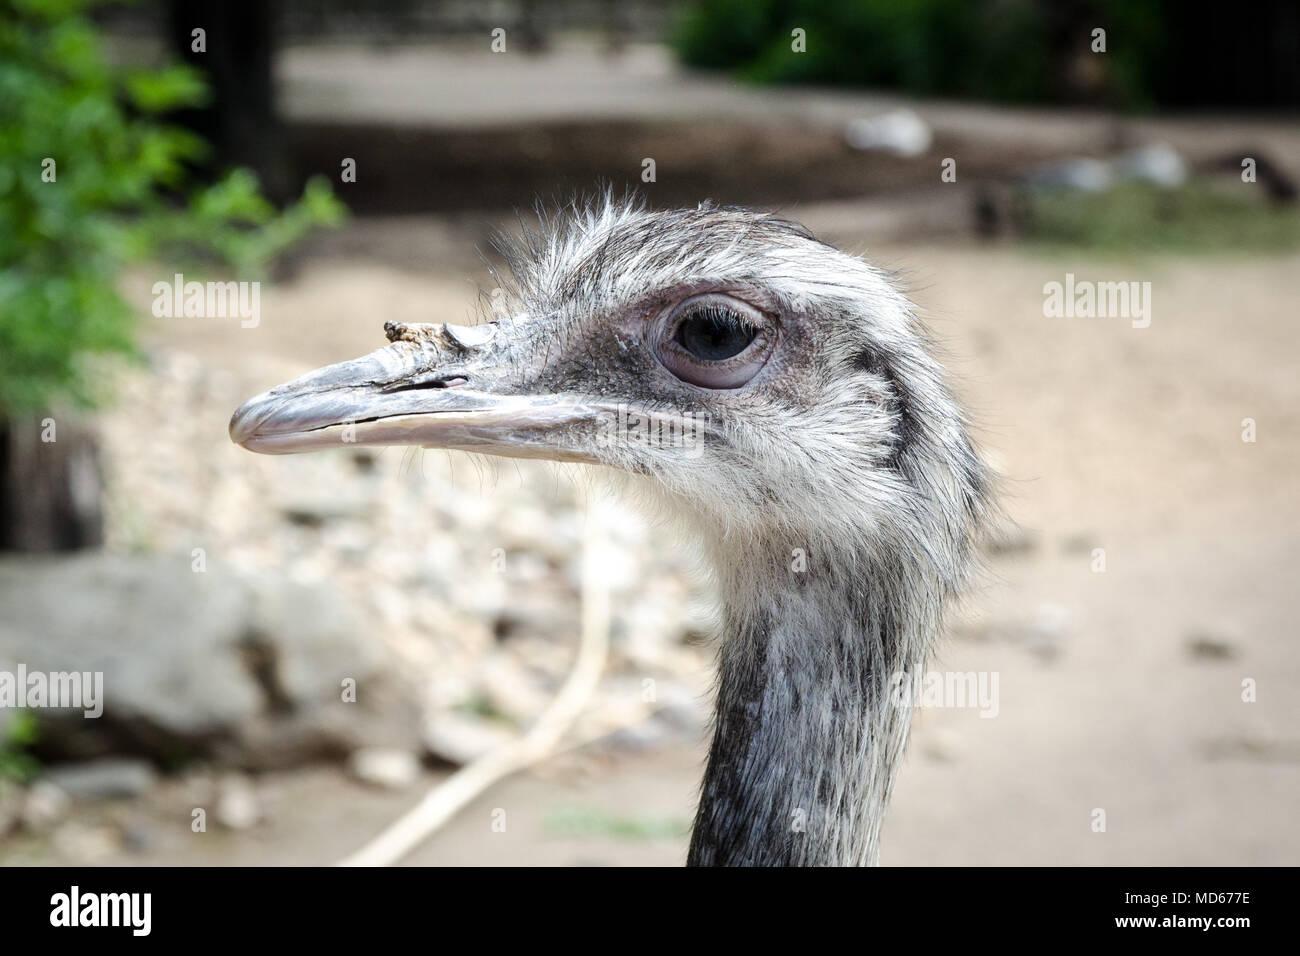 El avestruz en zoo Imagen De Stock